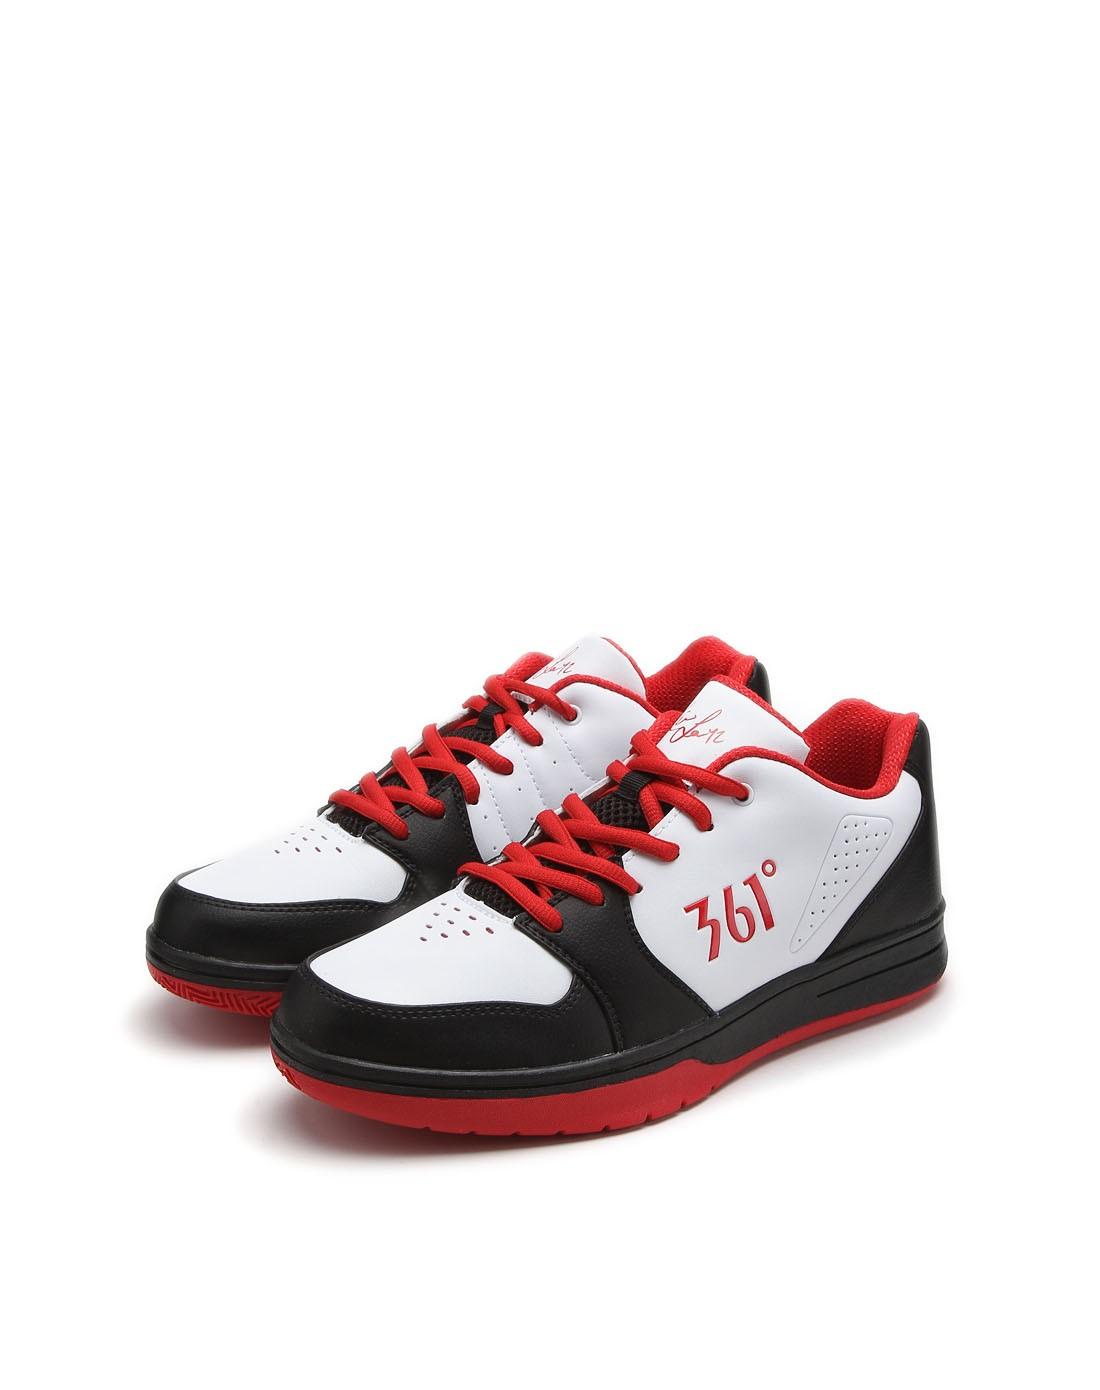 361°男女男款白配红色篮球鞋